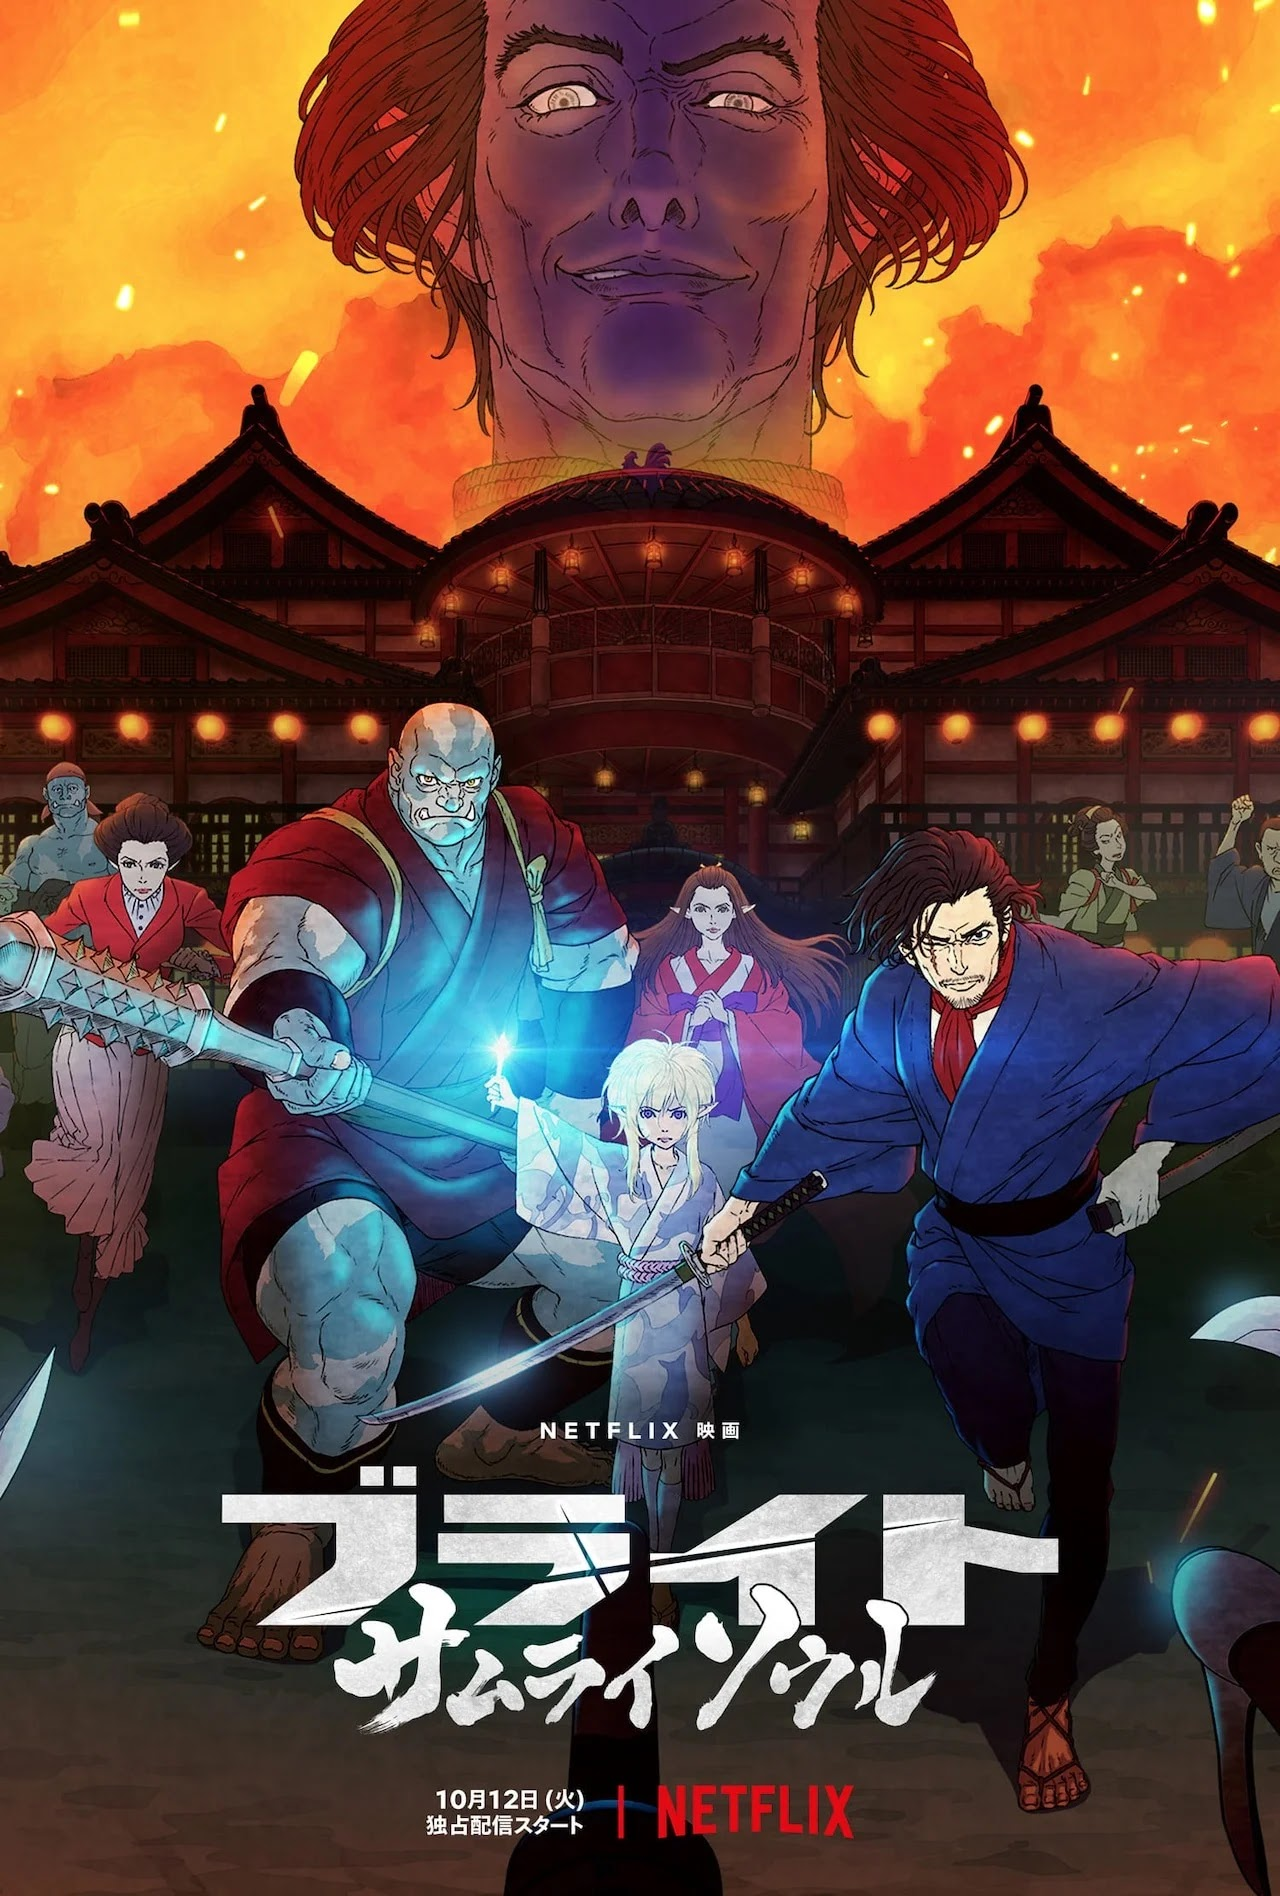 O Filme de animação Bright: Samurai Soul revelou seu primeiro vídeo promocional